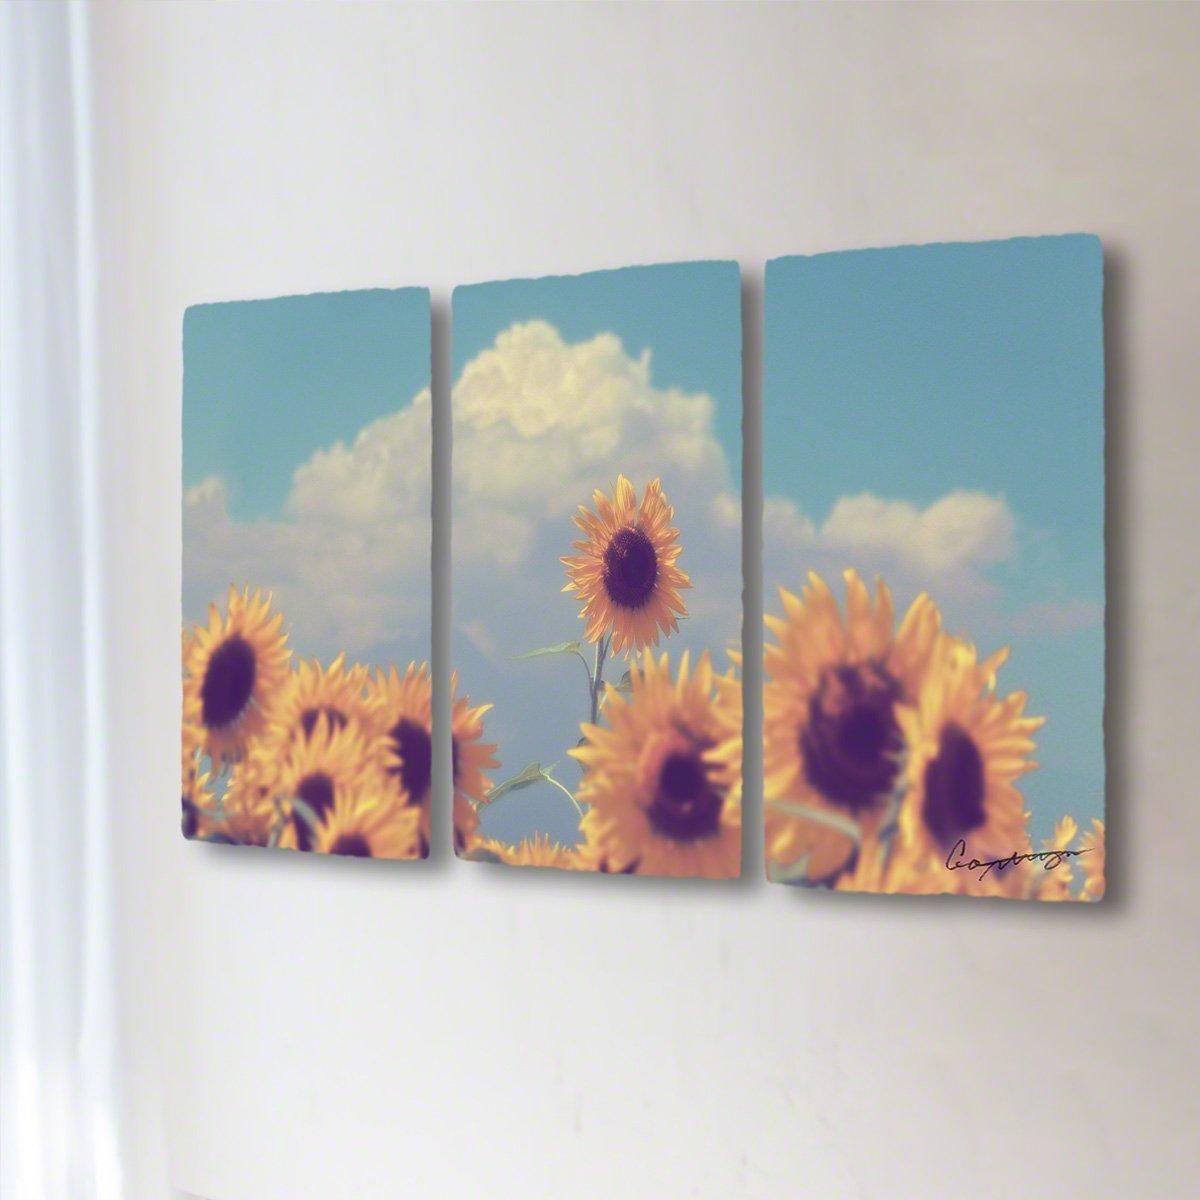 和紙 アートパネル 3枚 続き 「入道雲と顔を出したヒマワリの花」 (96x54cm) 花 絵 絵画 壁掛け 壁飾り インテリア アート B07F1WBVP9 34.アートパネル3枚続き(長辺96cm) 98000円|入道雲と顔を出したヒマワリの花 入道雲と顔を出したヒマワリの花 34.アートパネル3枚続き(長辺96cm) 98000円